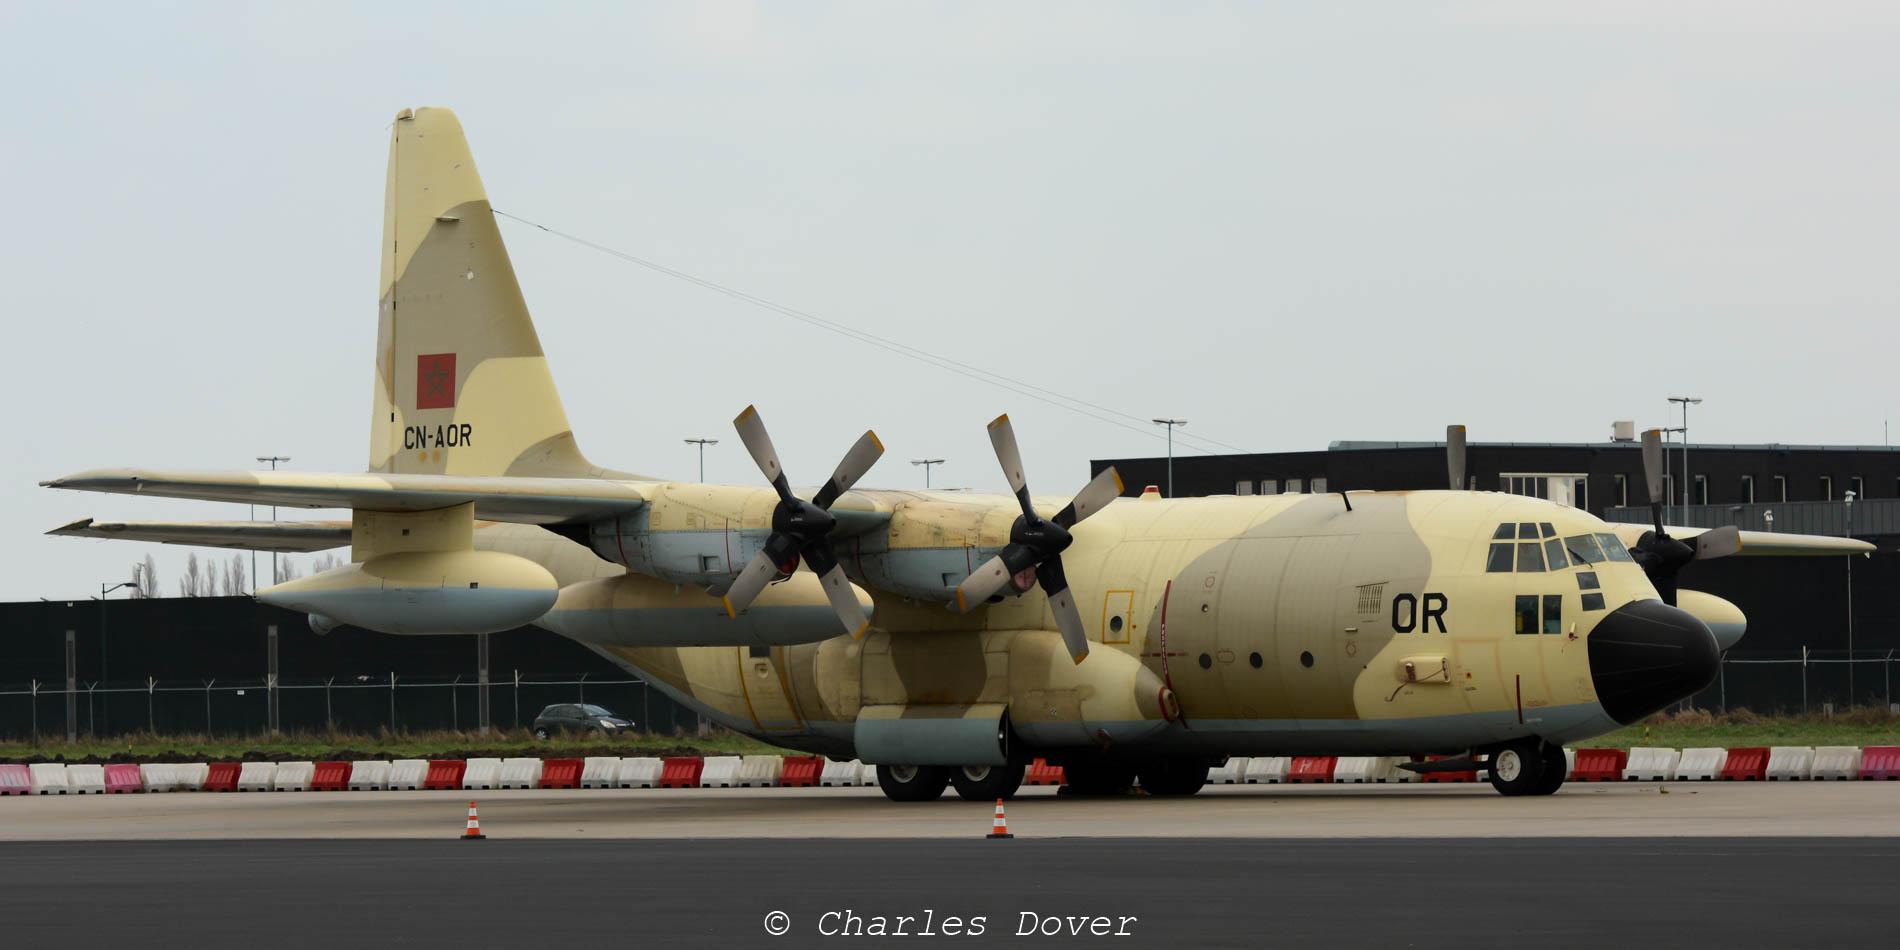 FRA: Photos d'avions de transport - Page 27 26053757115_dab90e2a4f_o